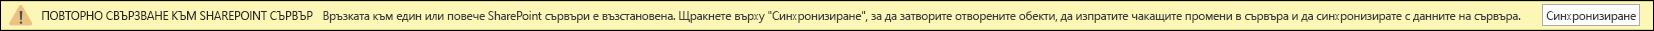 Щракнете върху синхронизиране, за да се свържете към сървъра на SharePoint.